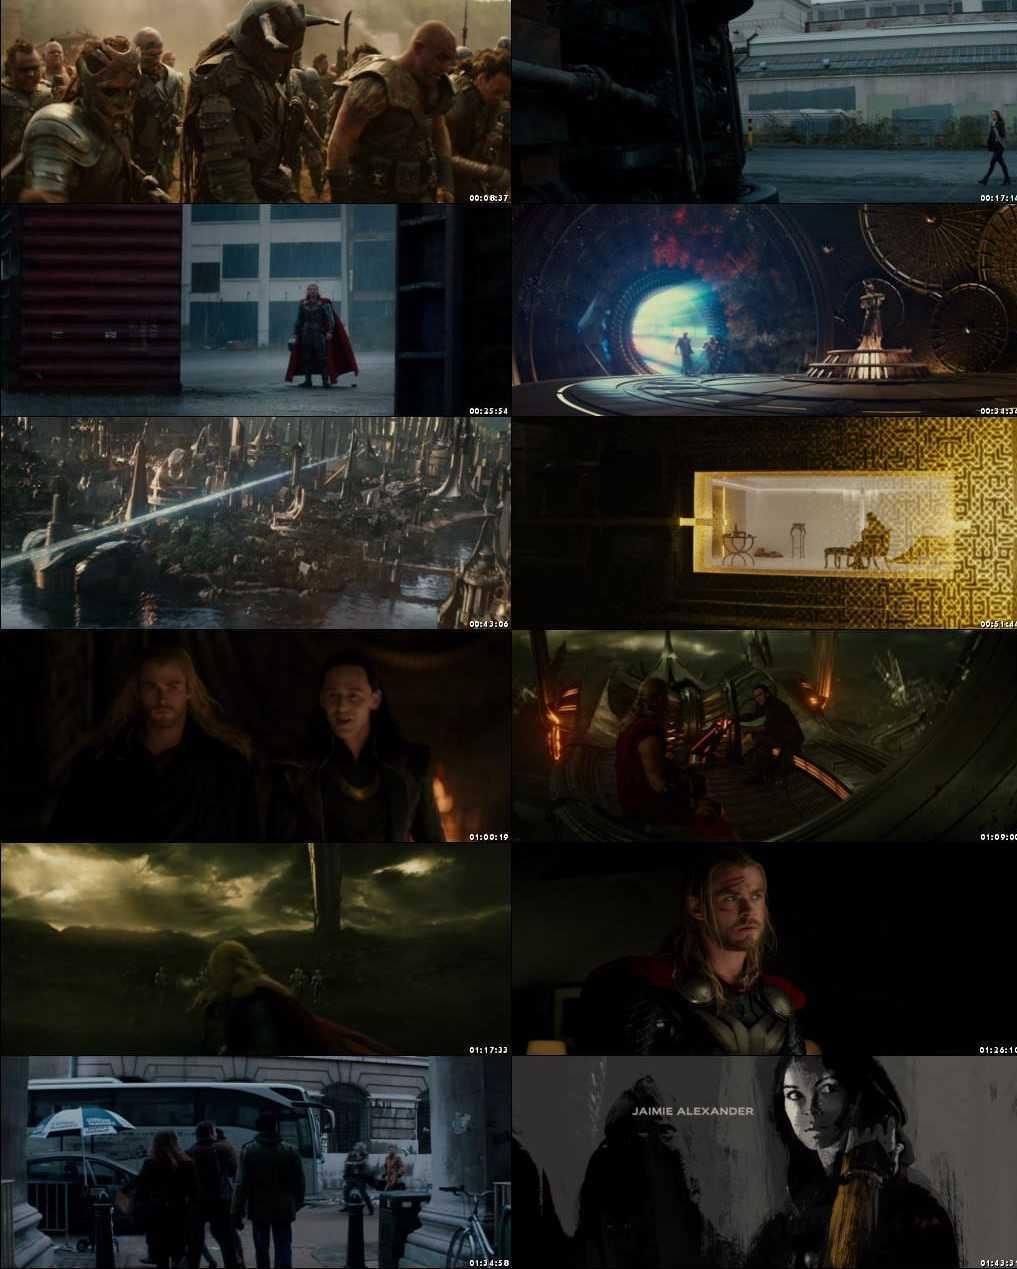 Thor: The Dark World 2013 Screenshot 1080p